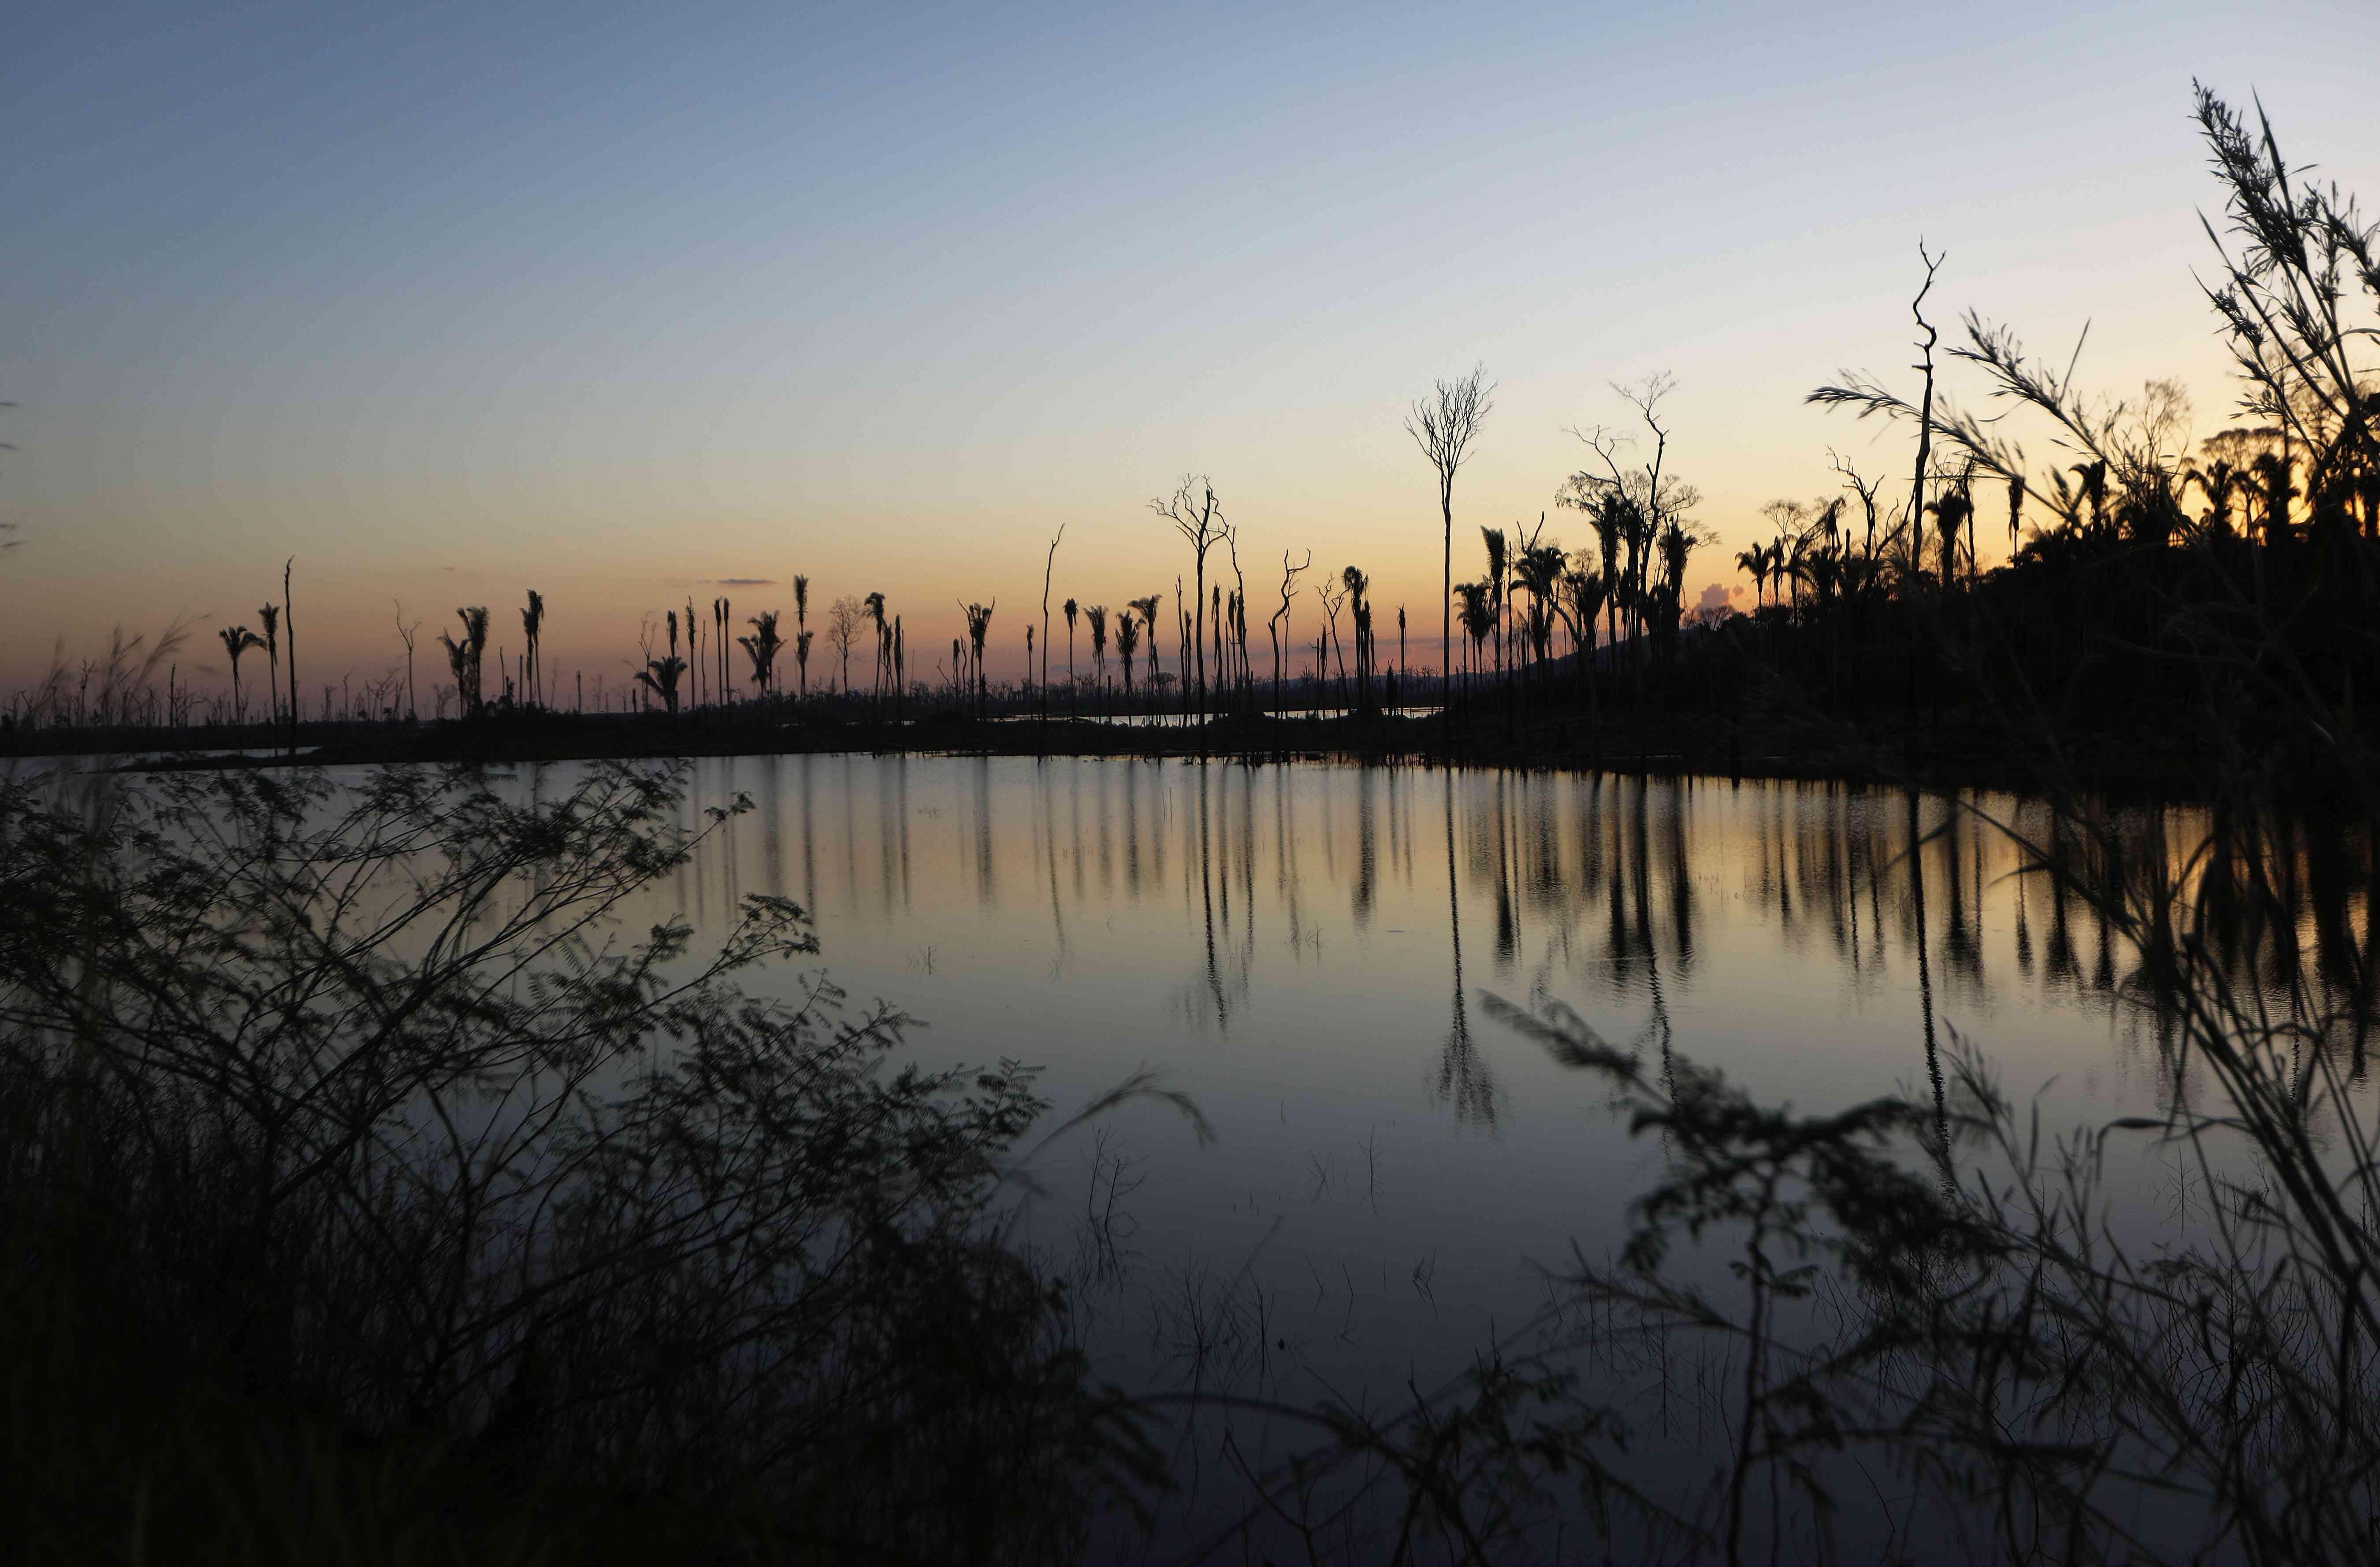 deforestation in Brazil's Western Amazon rainforest, 2017